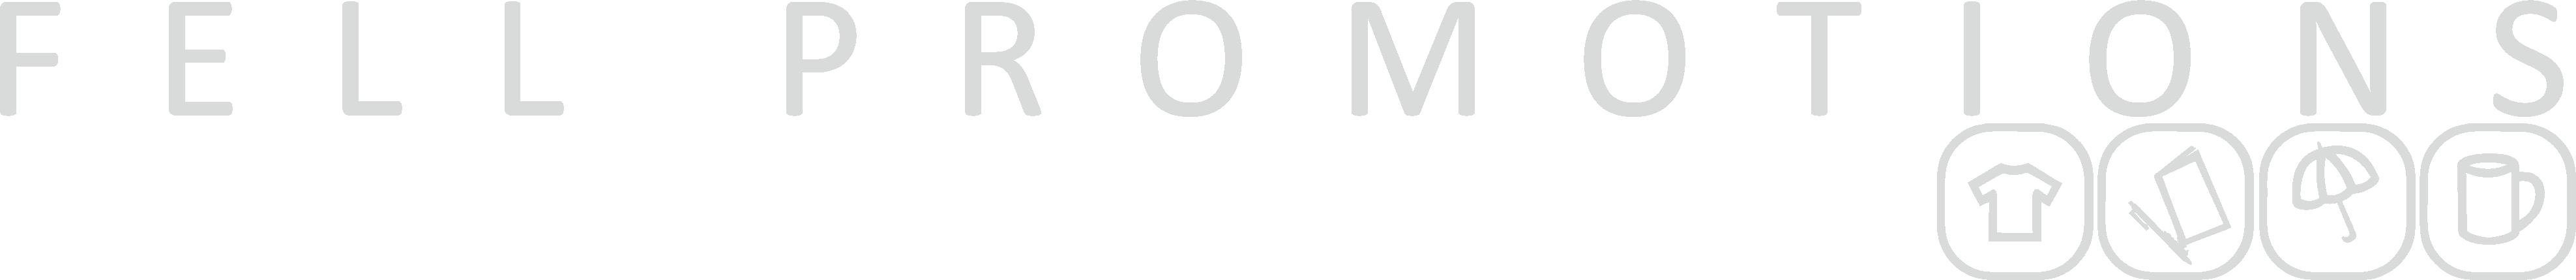 fell logo